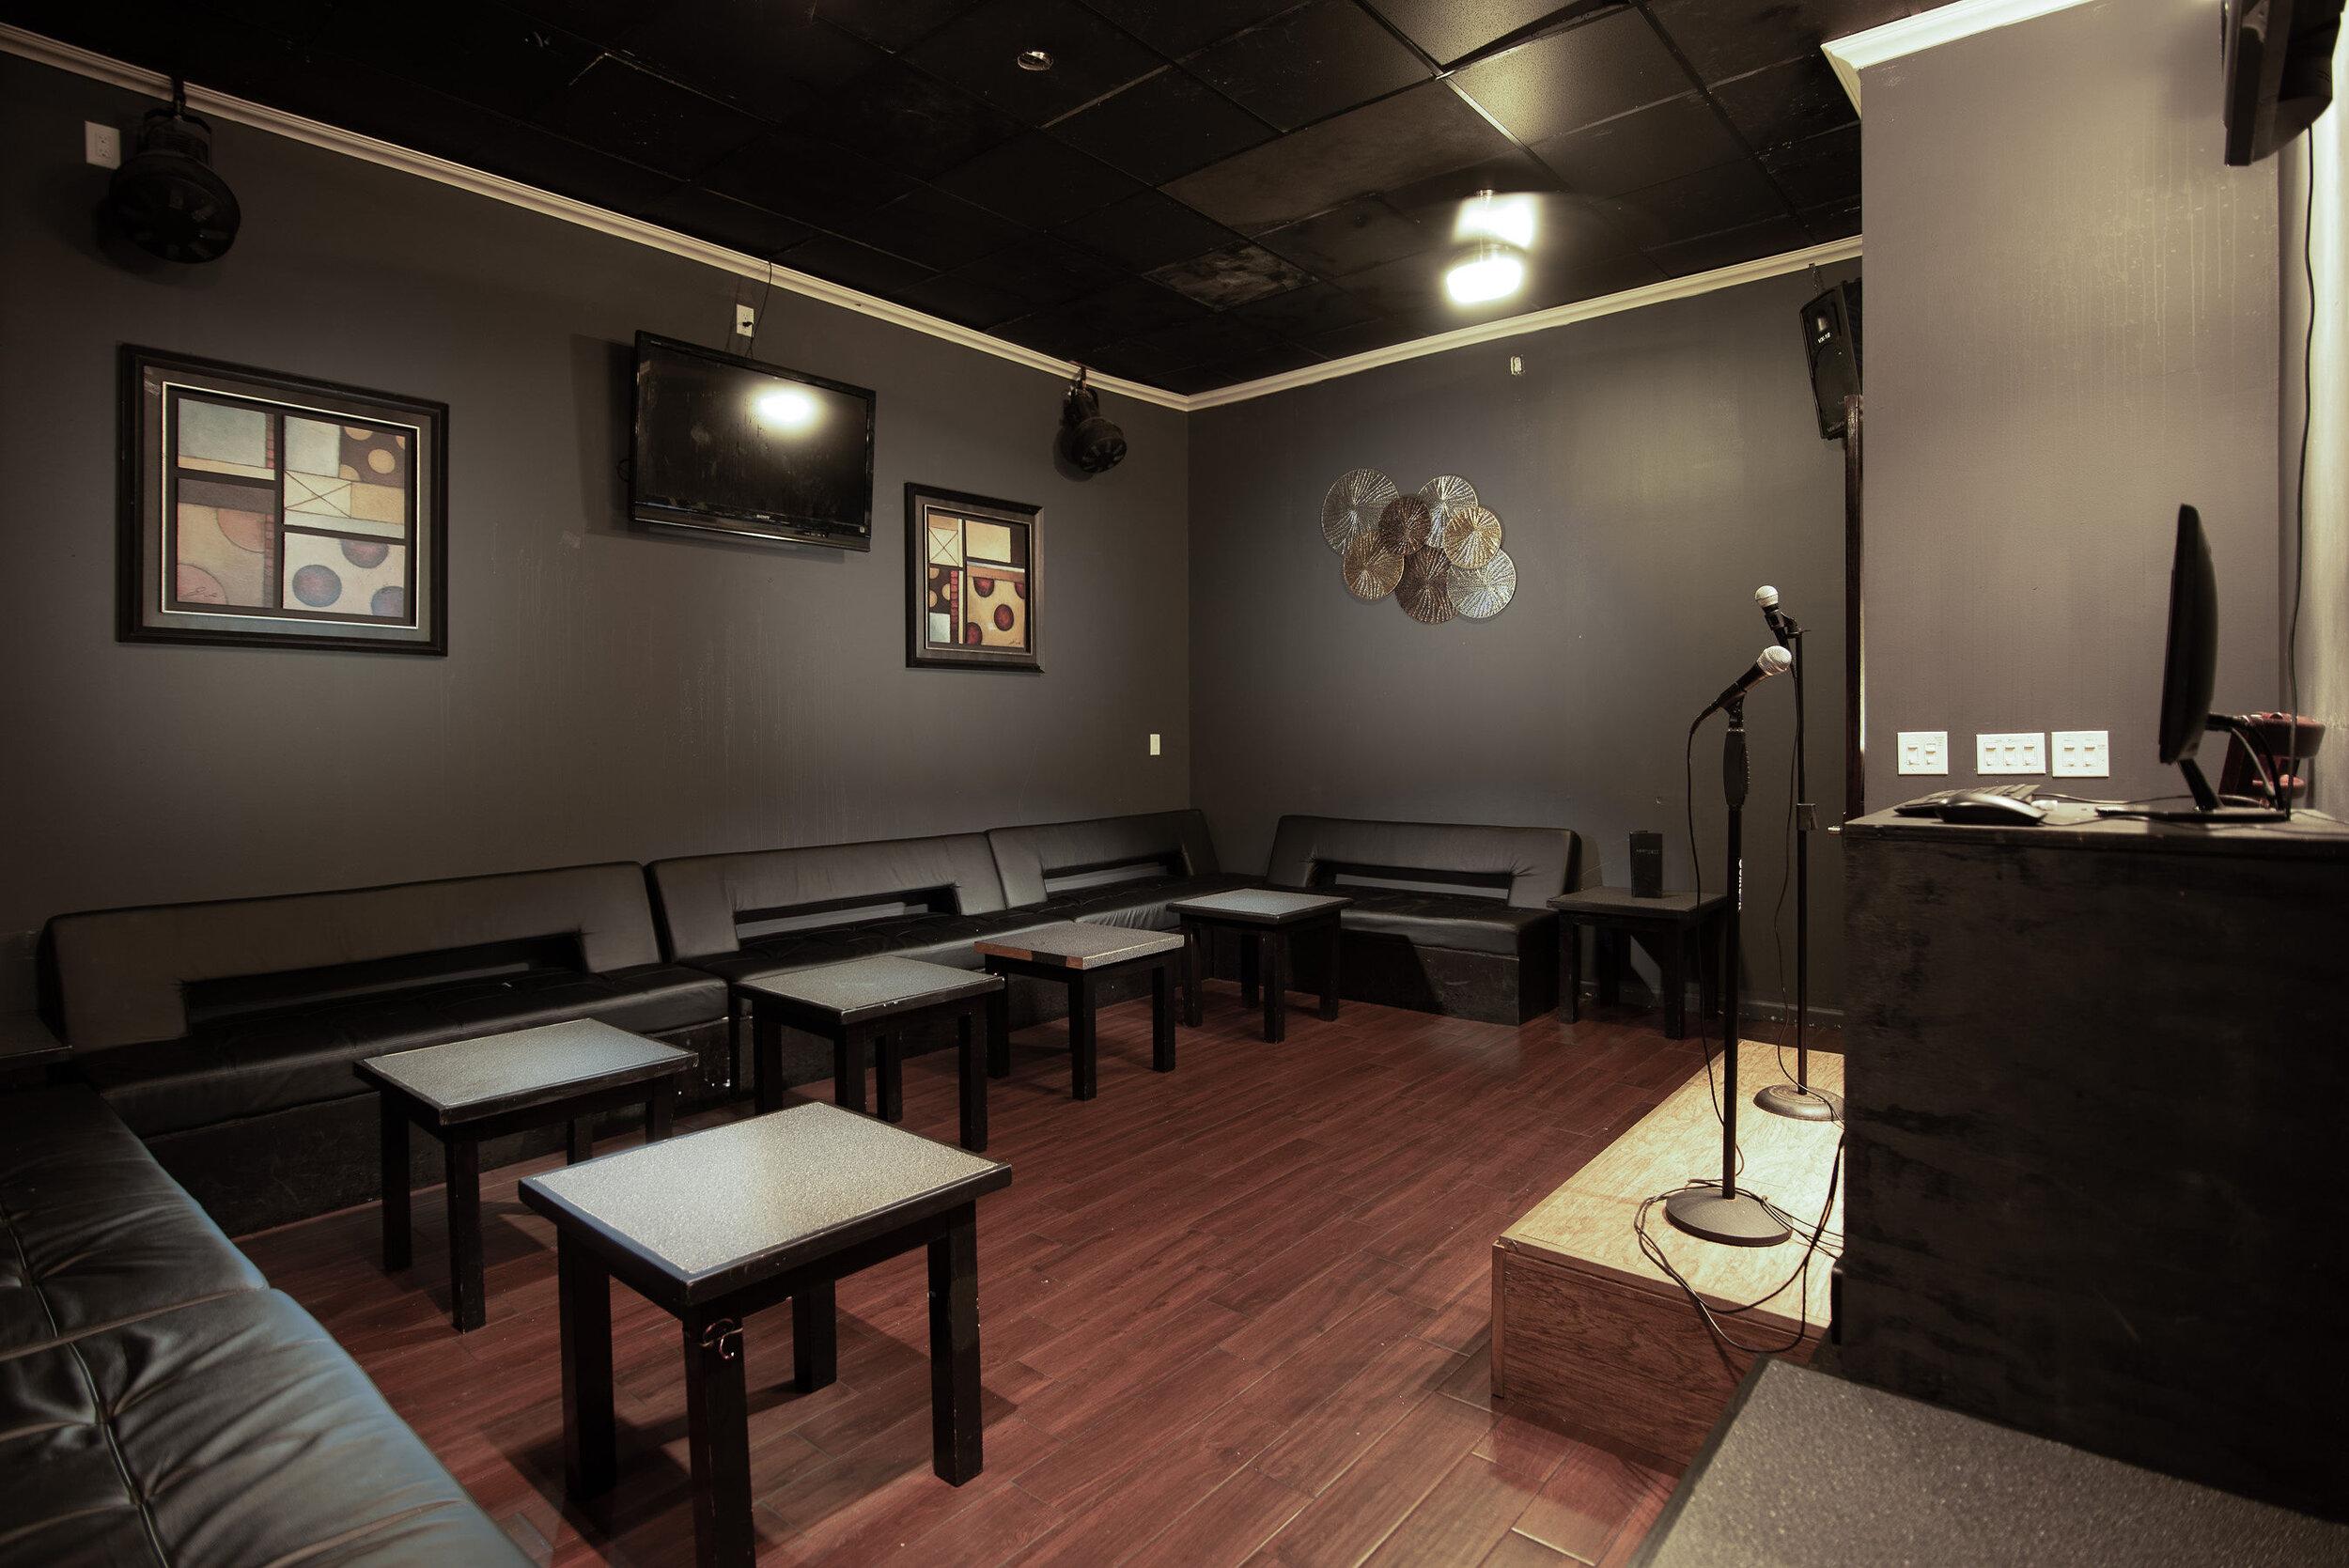 Galleria Room 2